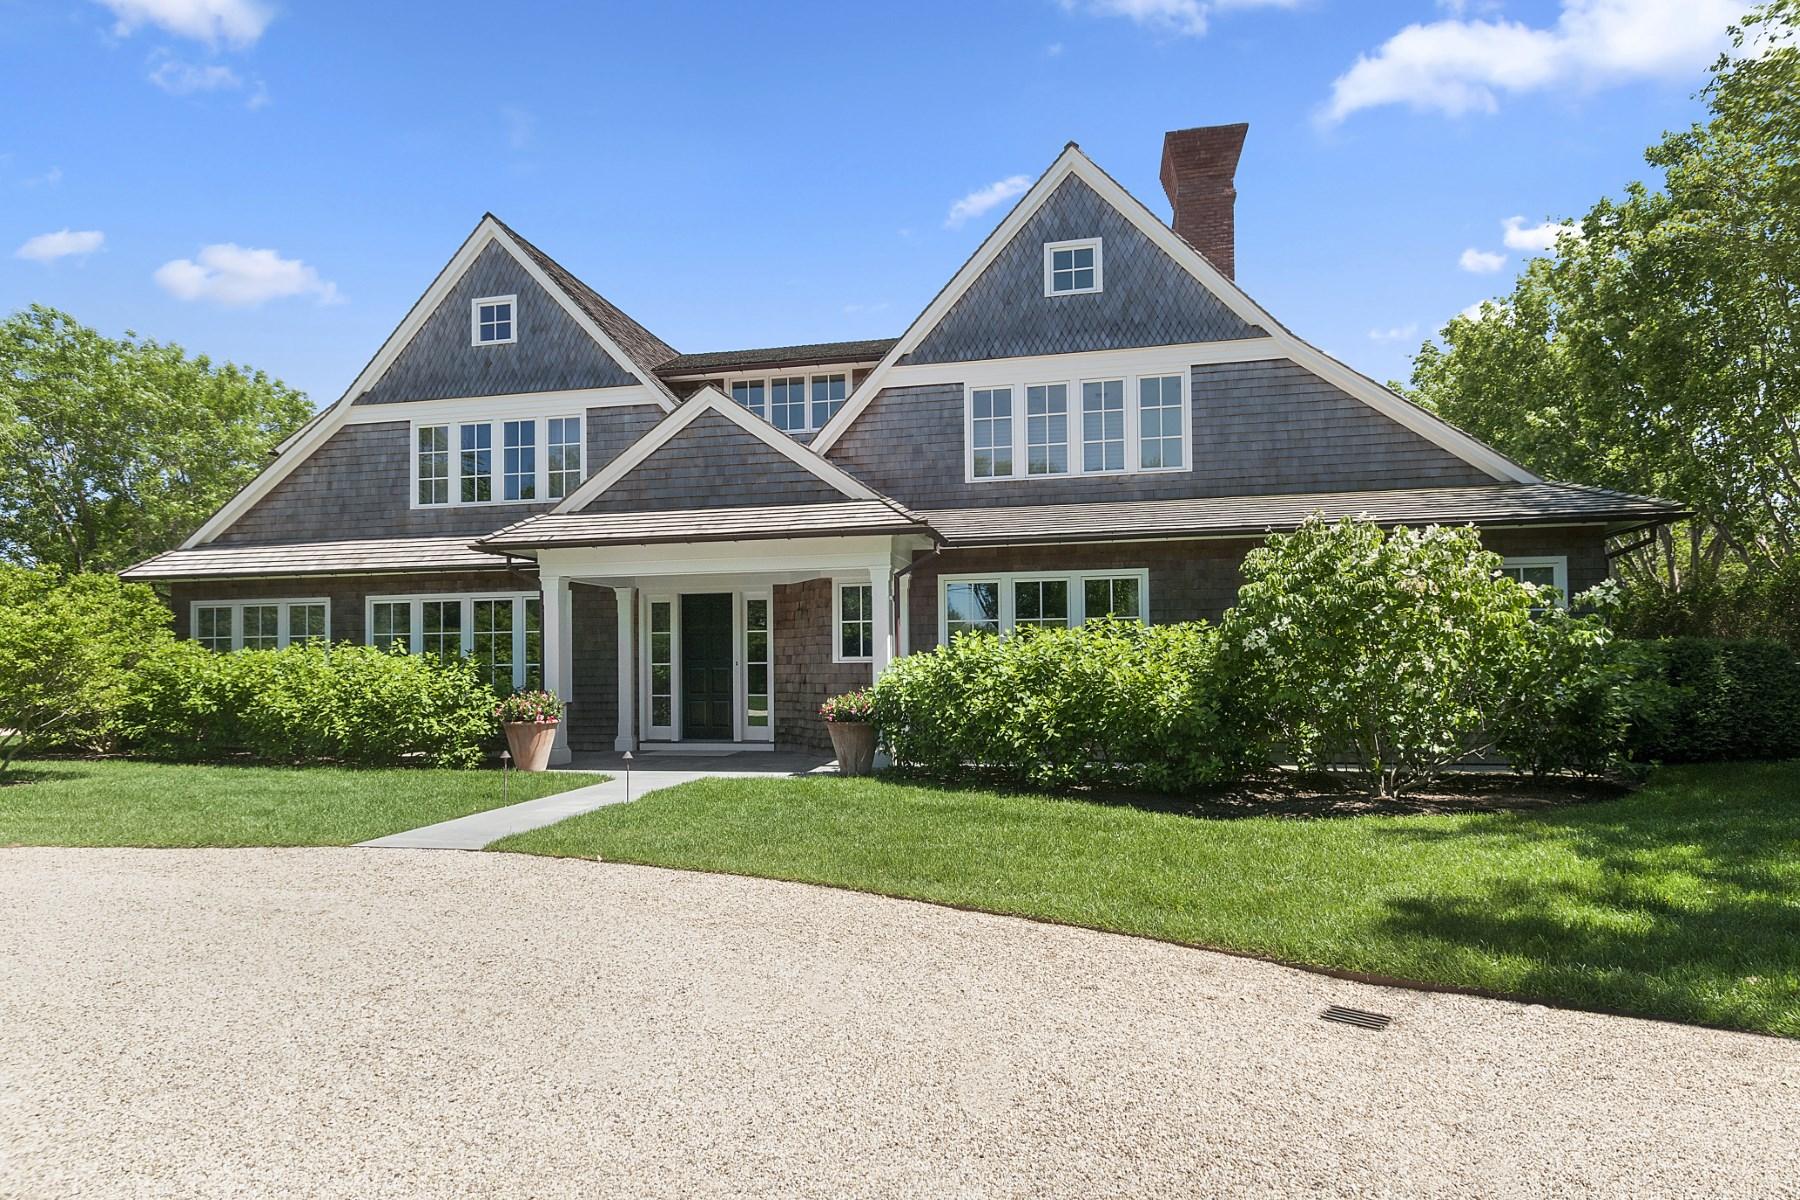 Частный односемейный дом для того Аренда на New Dream Home in Sagaponack South Sagaponack, Нью-Йорк, 11962 Соединенные Штаты